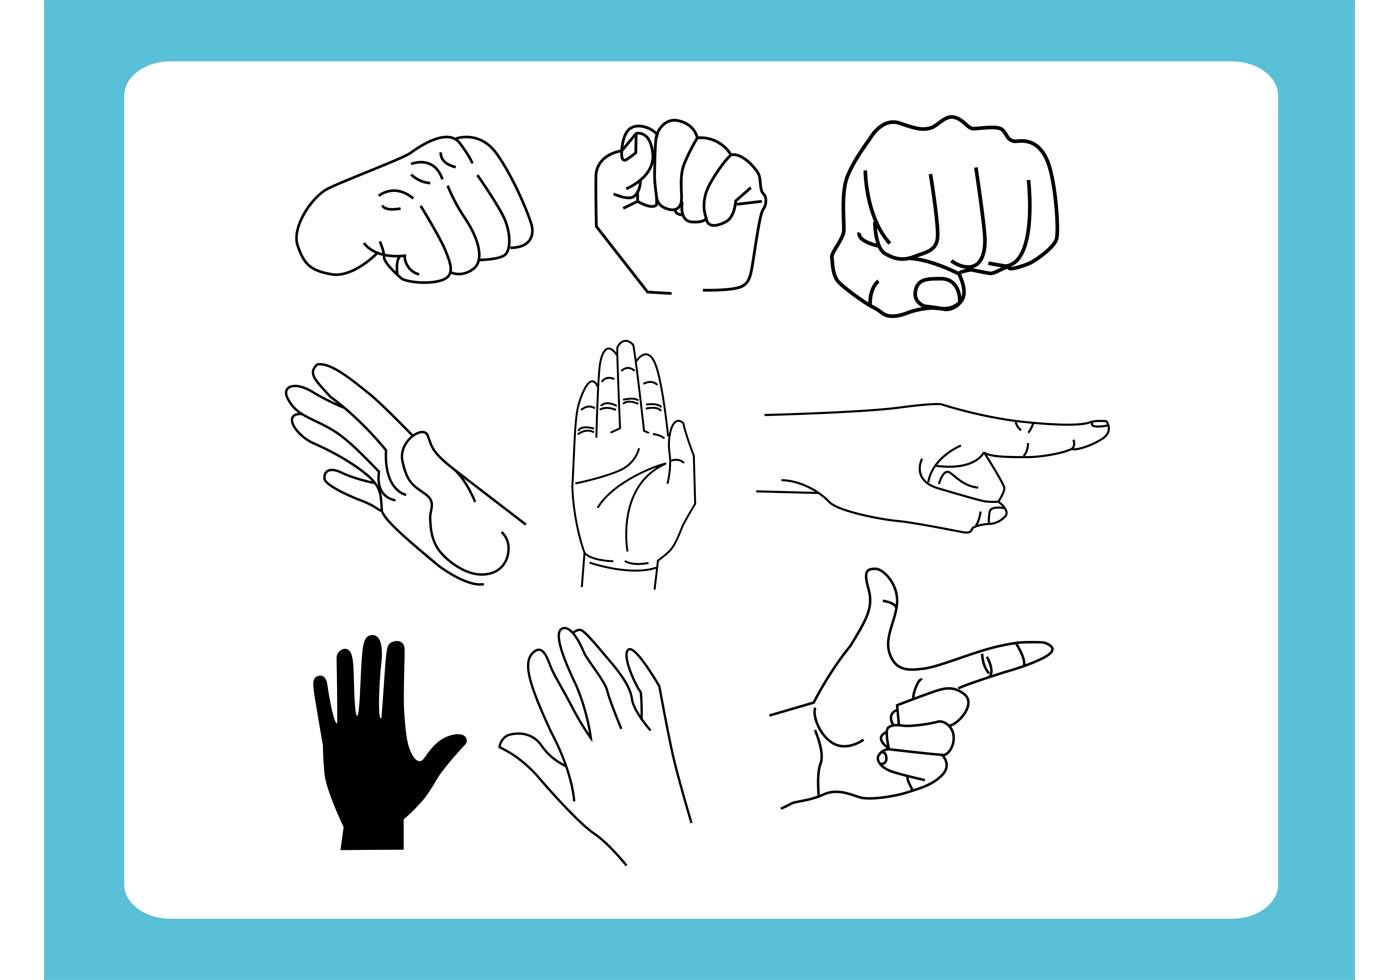 hand waving drawing - HD1400×980